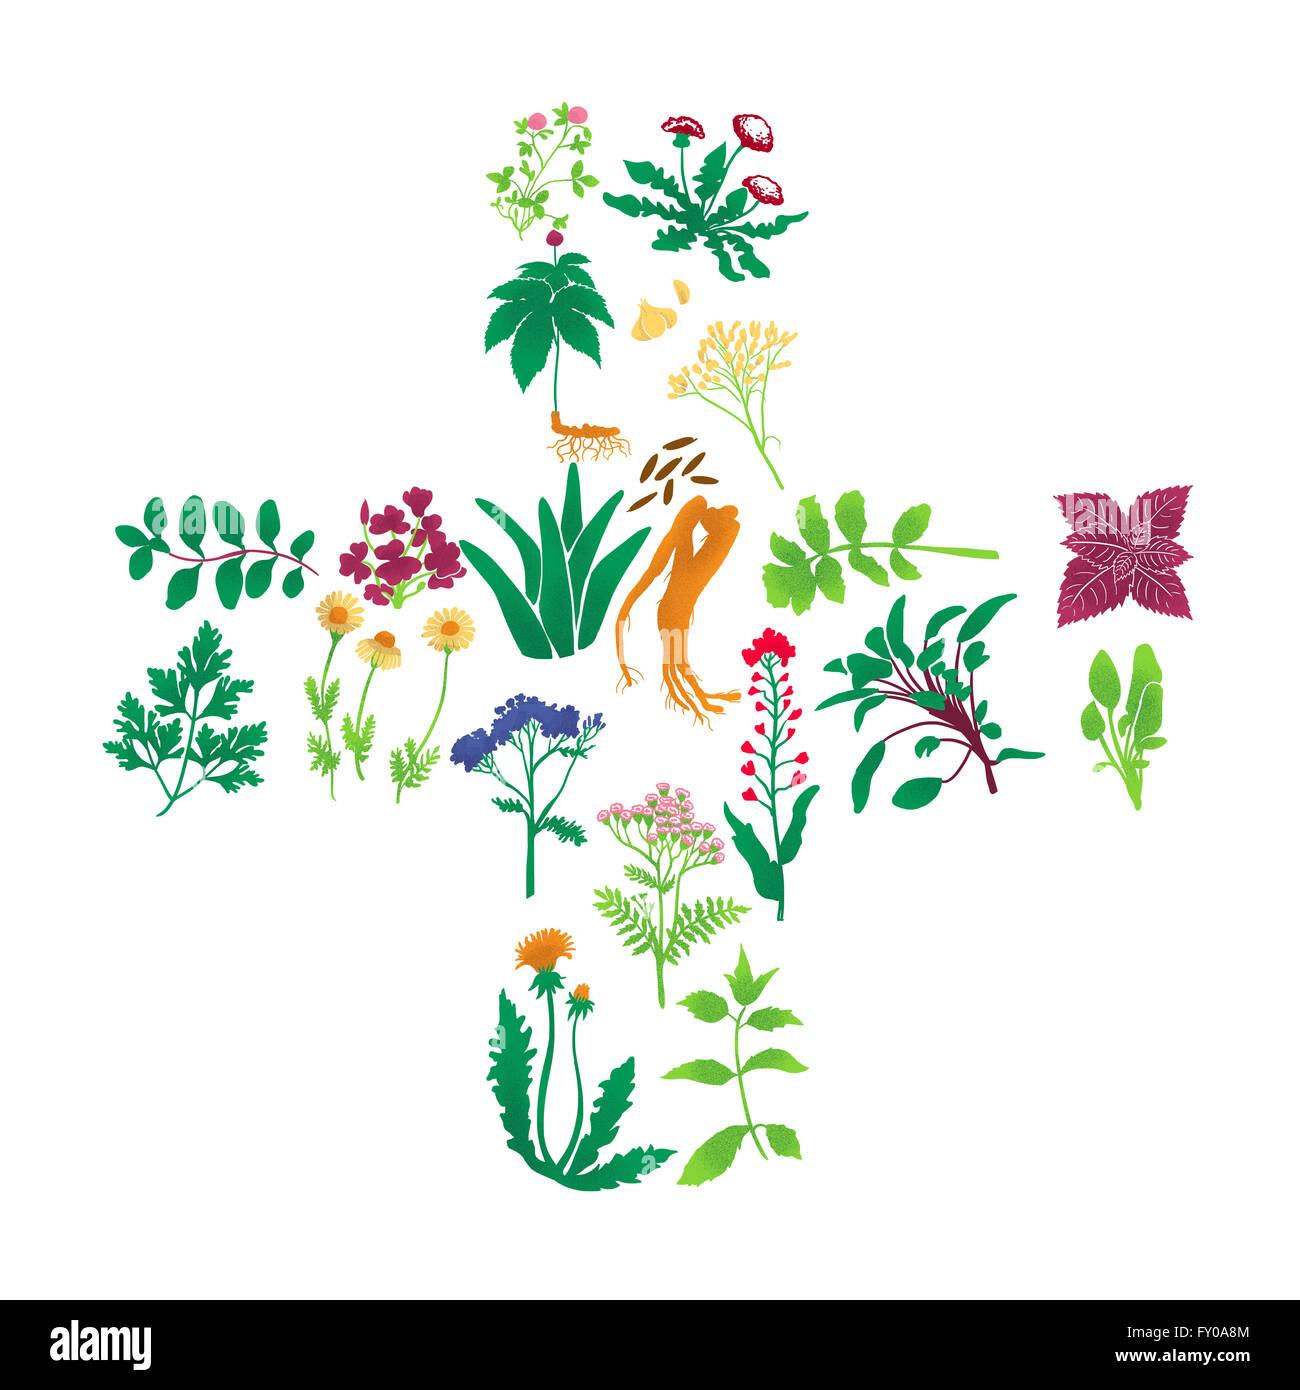 Illustrations de plantes médicinales sur fond blanc Banque D'Images